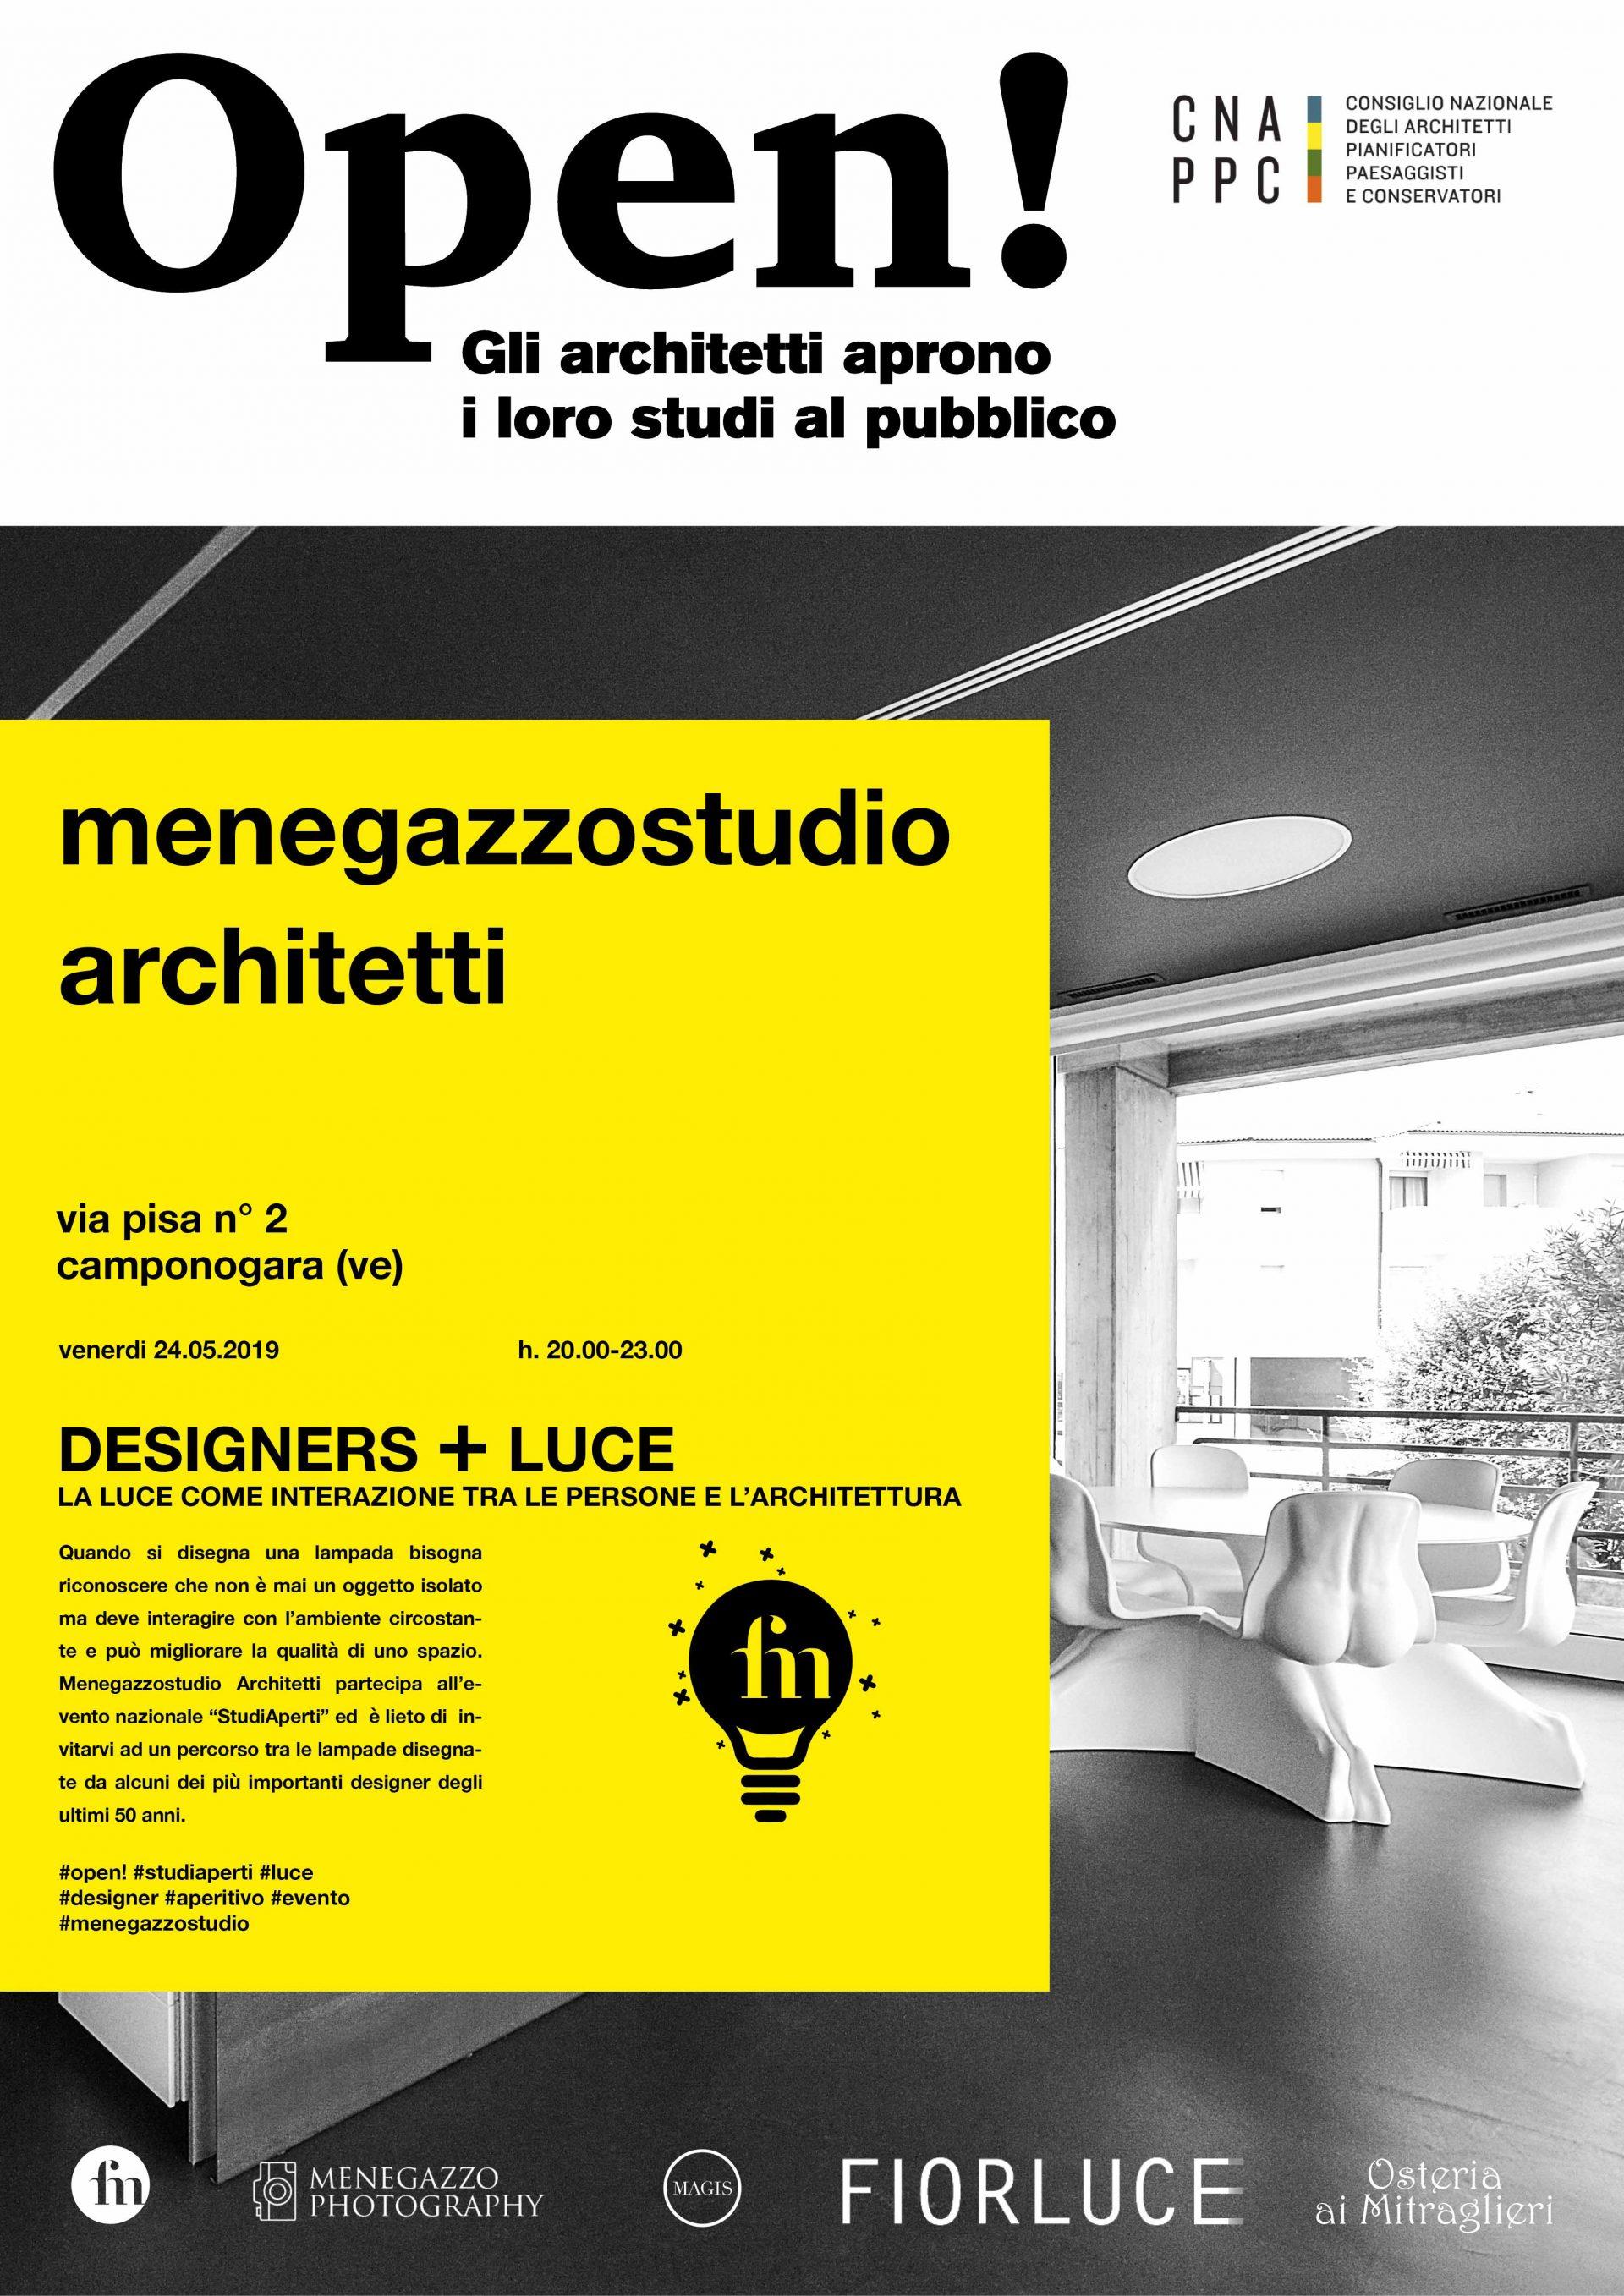 Fotografia di uno studio di architettura e locandina evento